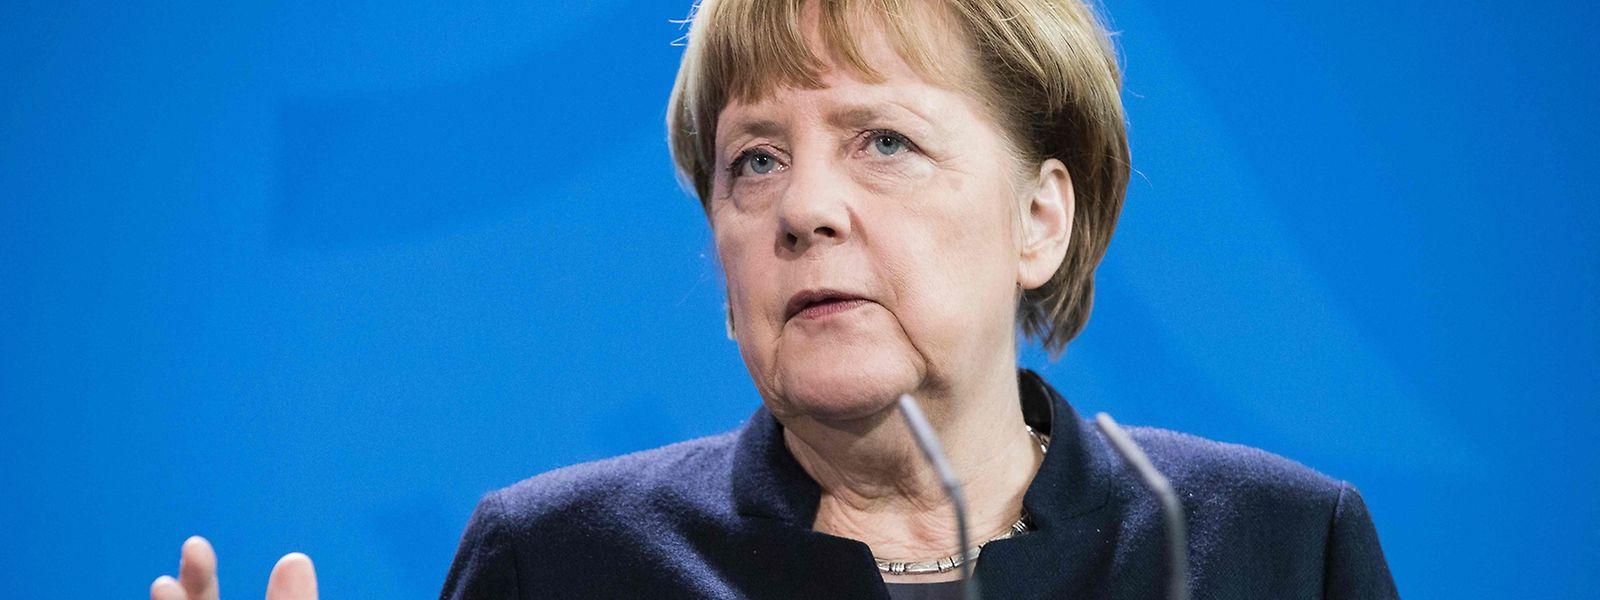 Angela Merkel rief ihre Partei zu einem engagierten Wahlkampf auf.